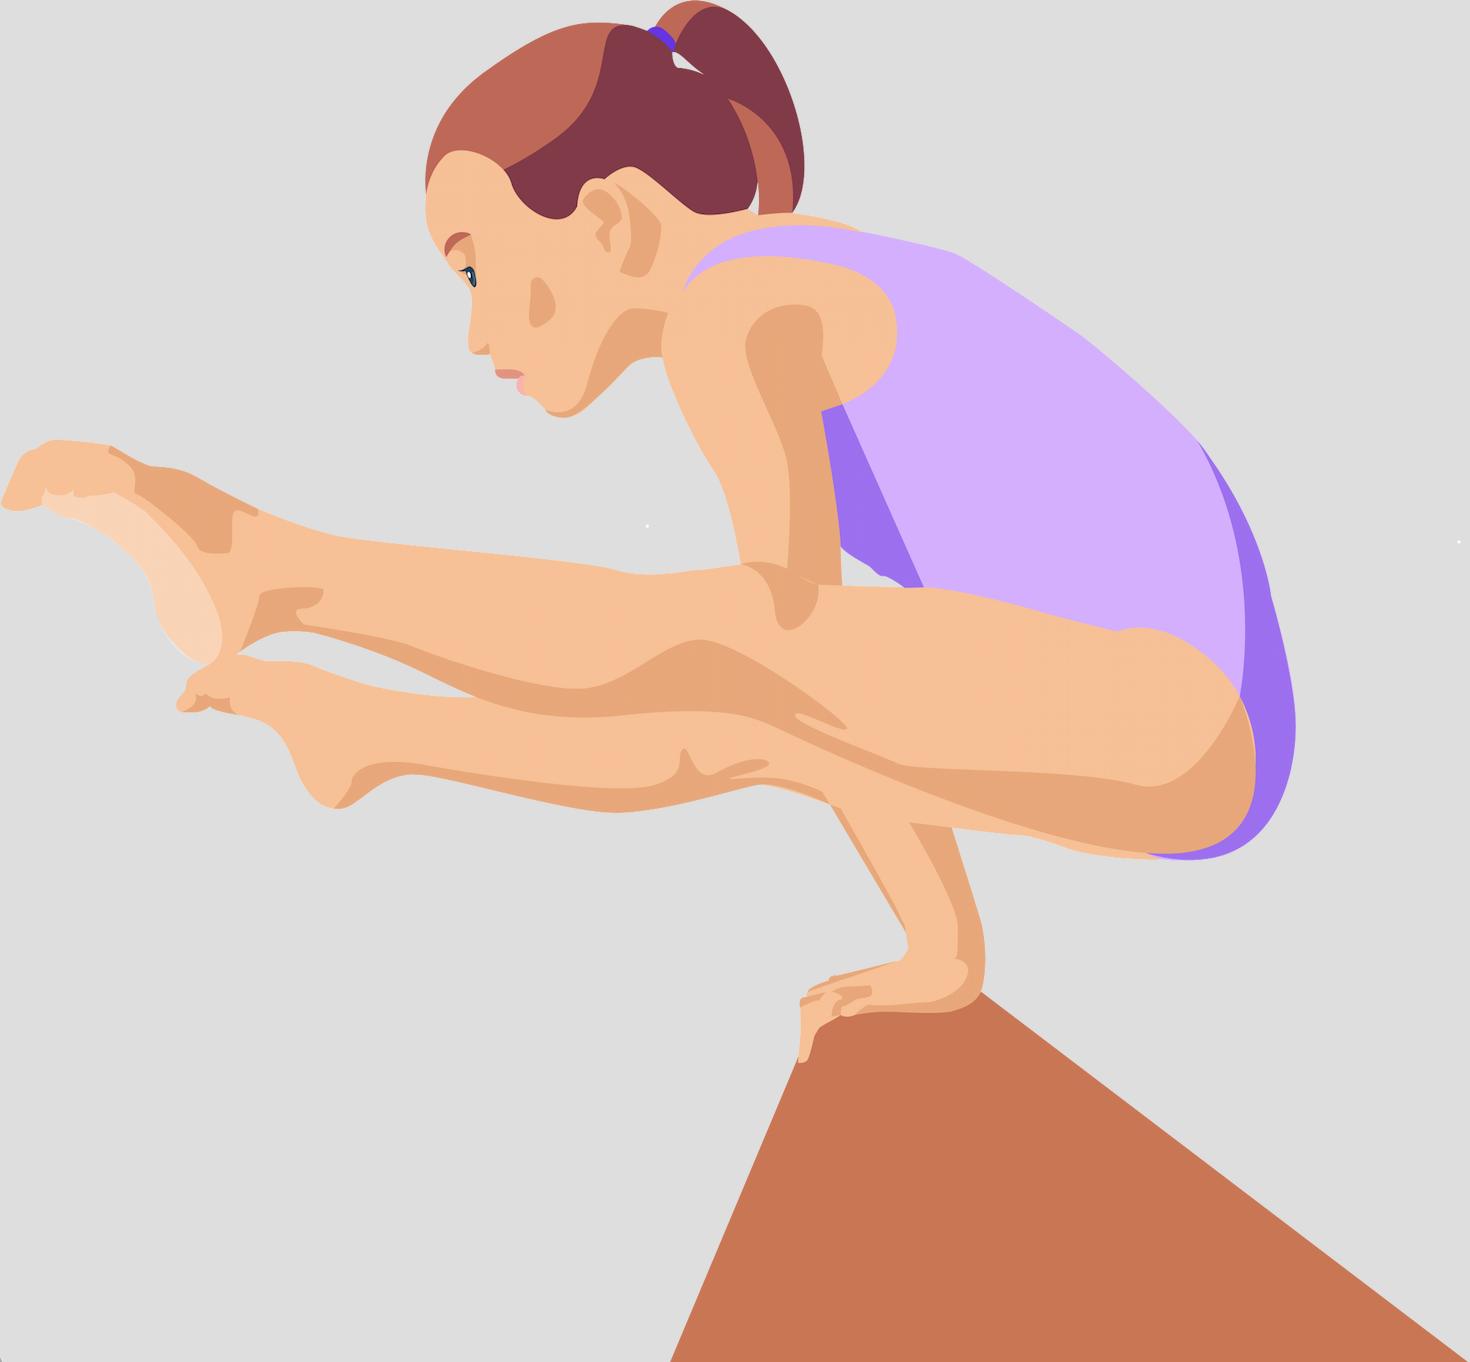 Fille - Gymnastique - Sport - Activité physique - Souplesse - SchoolMouv - Sciences - CE2